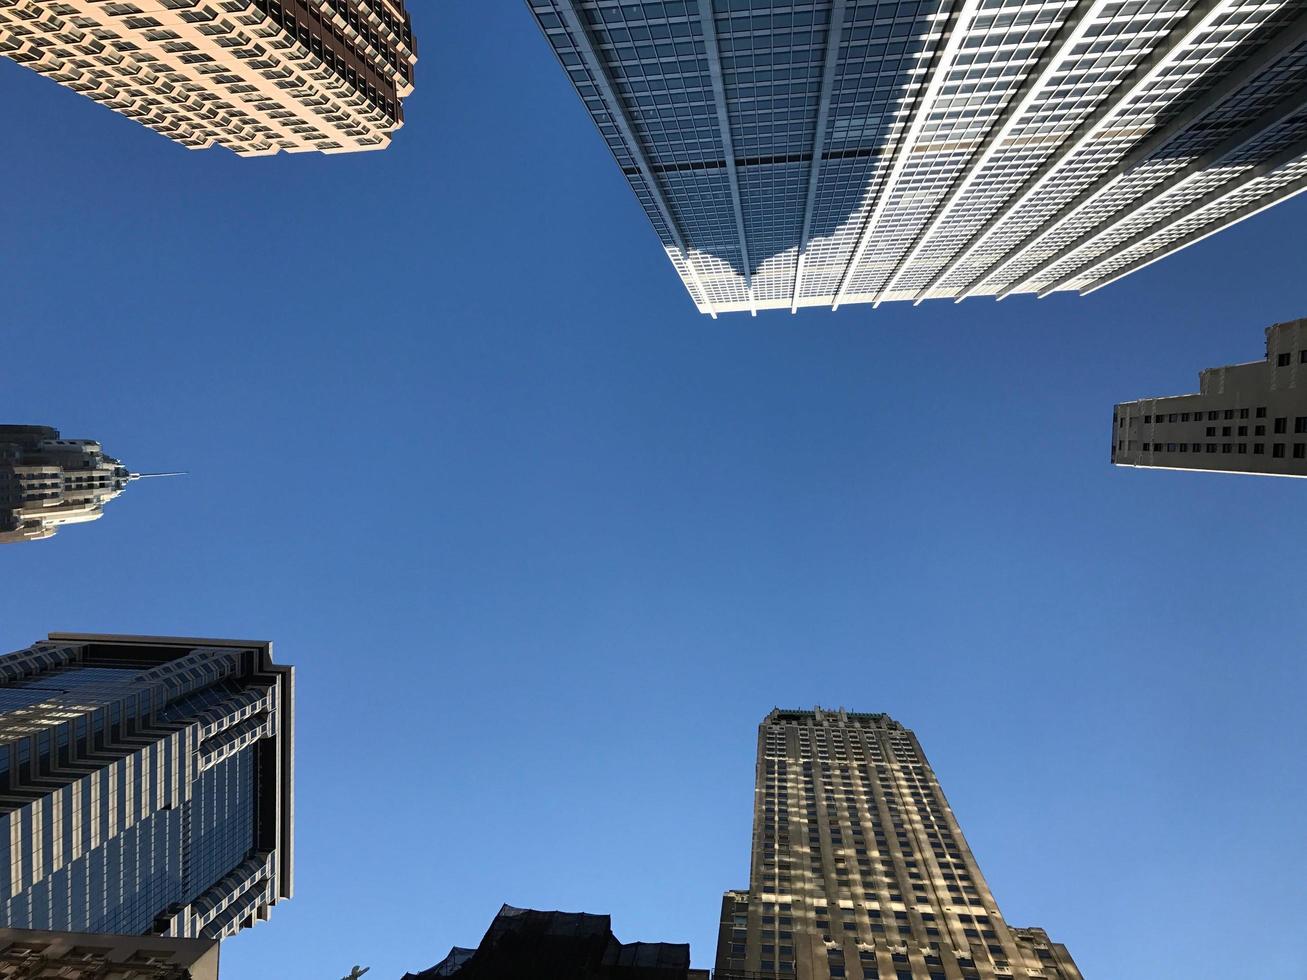 Hochhäuser tagsüber foto